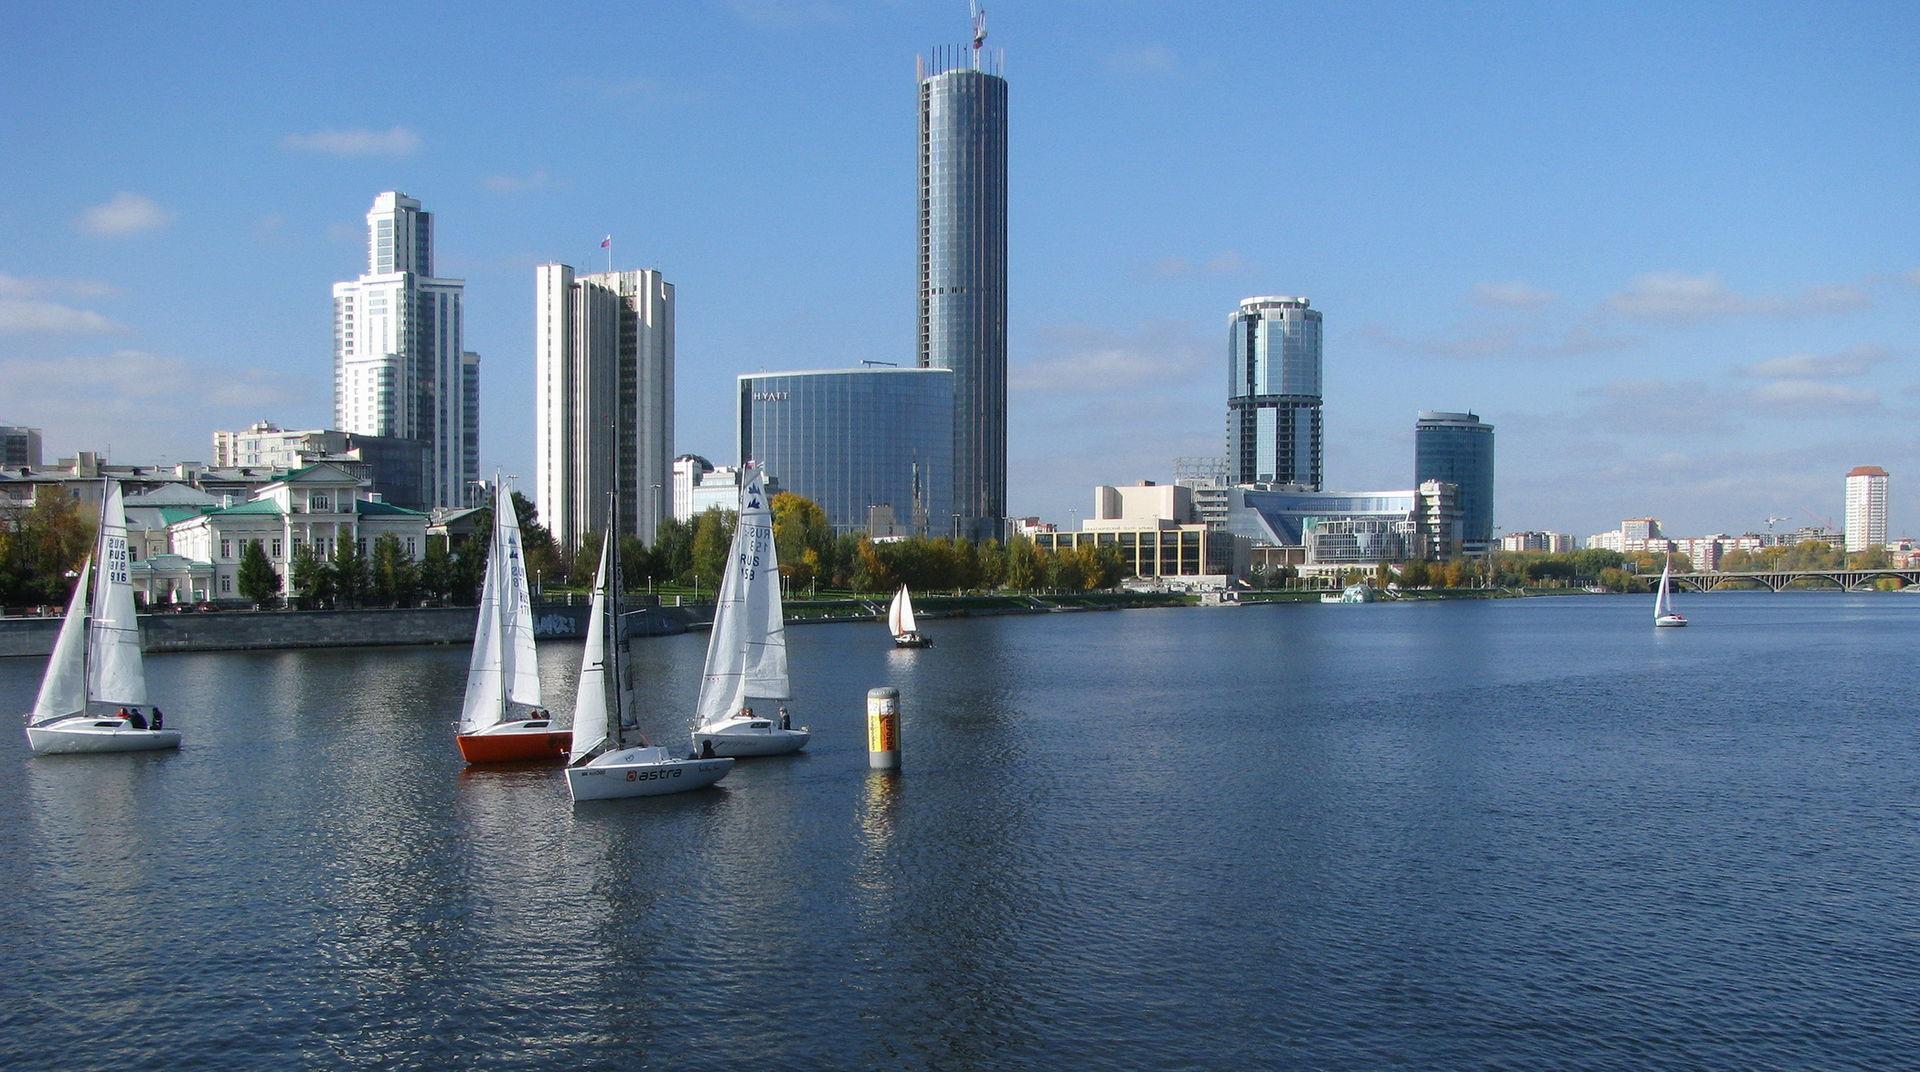 Для физических лиц предлагается список из семи наиболее доходных вкладов в банках Екатеринбурга